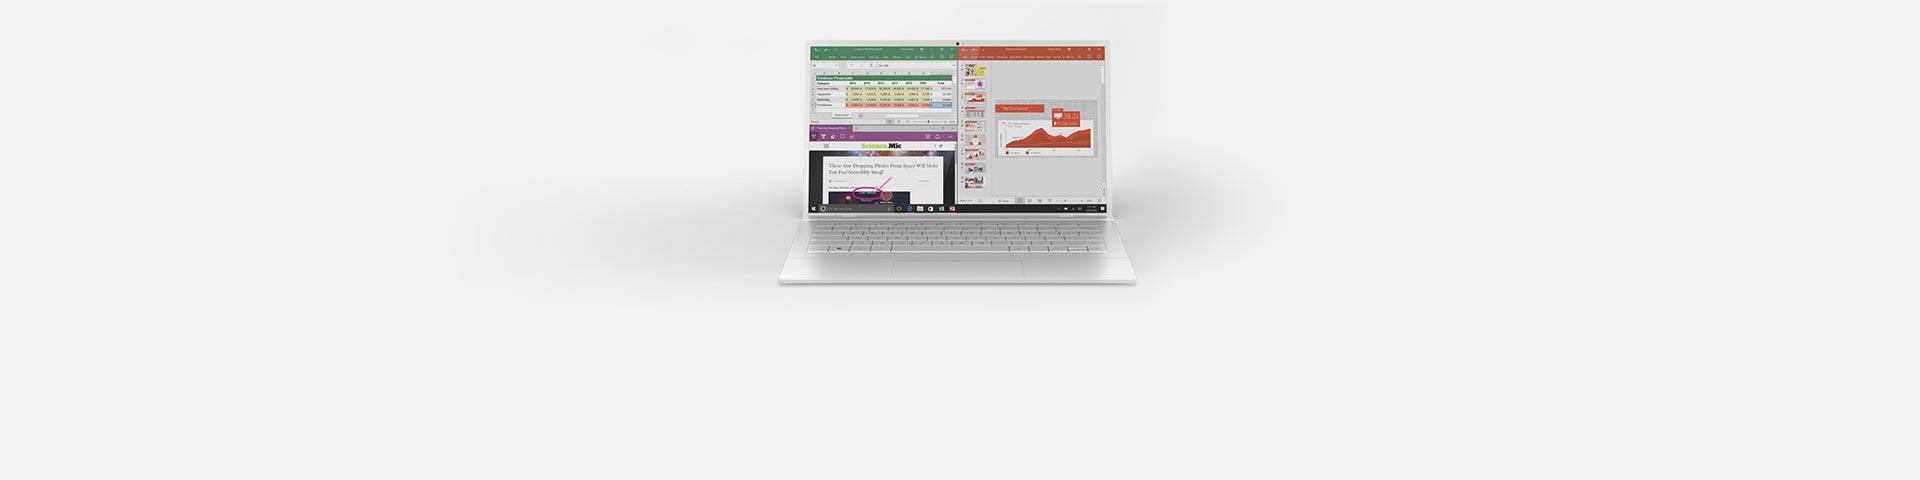 Notebook saplikacemi Office na obrazovce